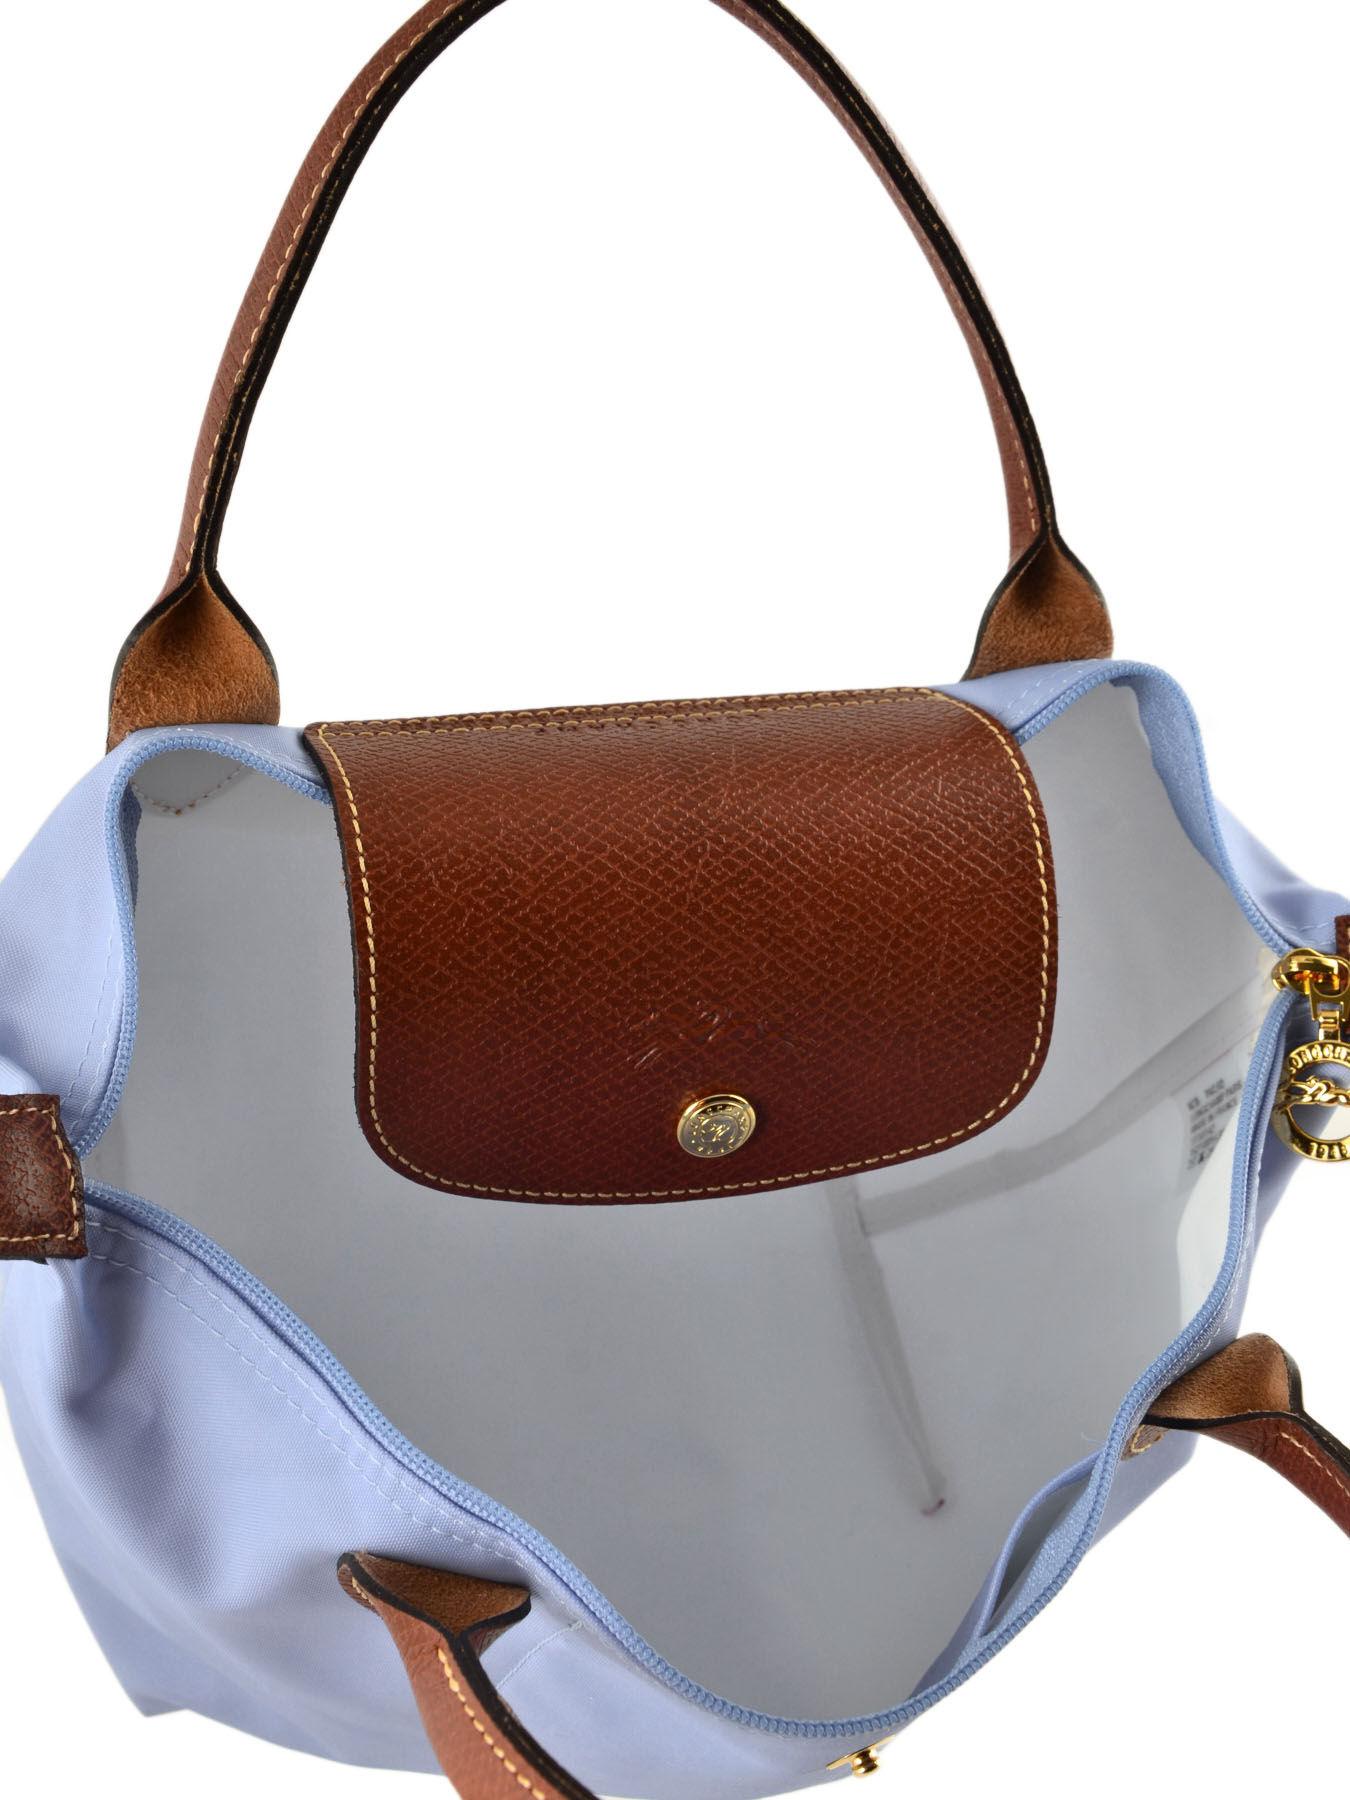 Longchamp Bag Le Pliage House Of Fraser : Longchamp handbag le pliage best prices